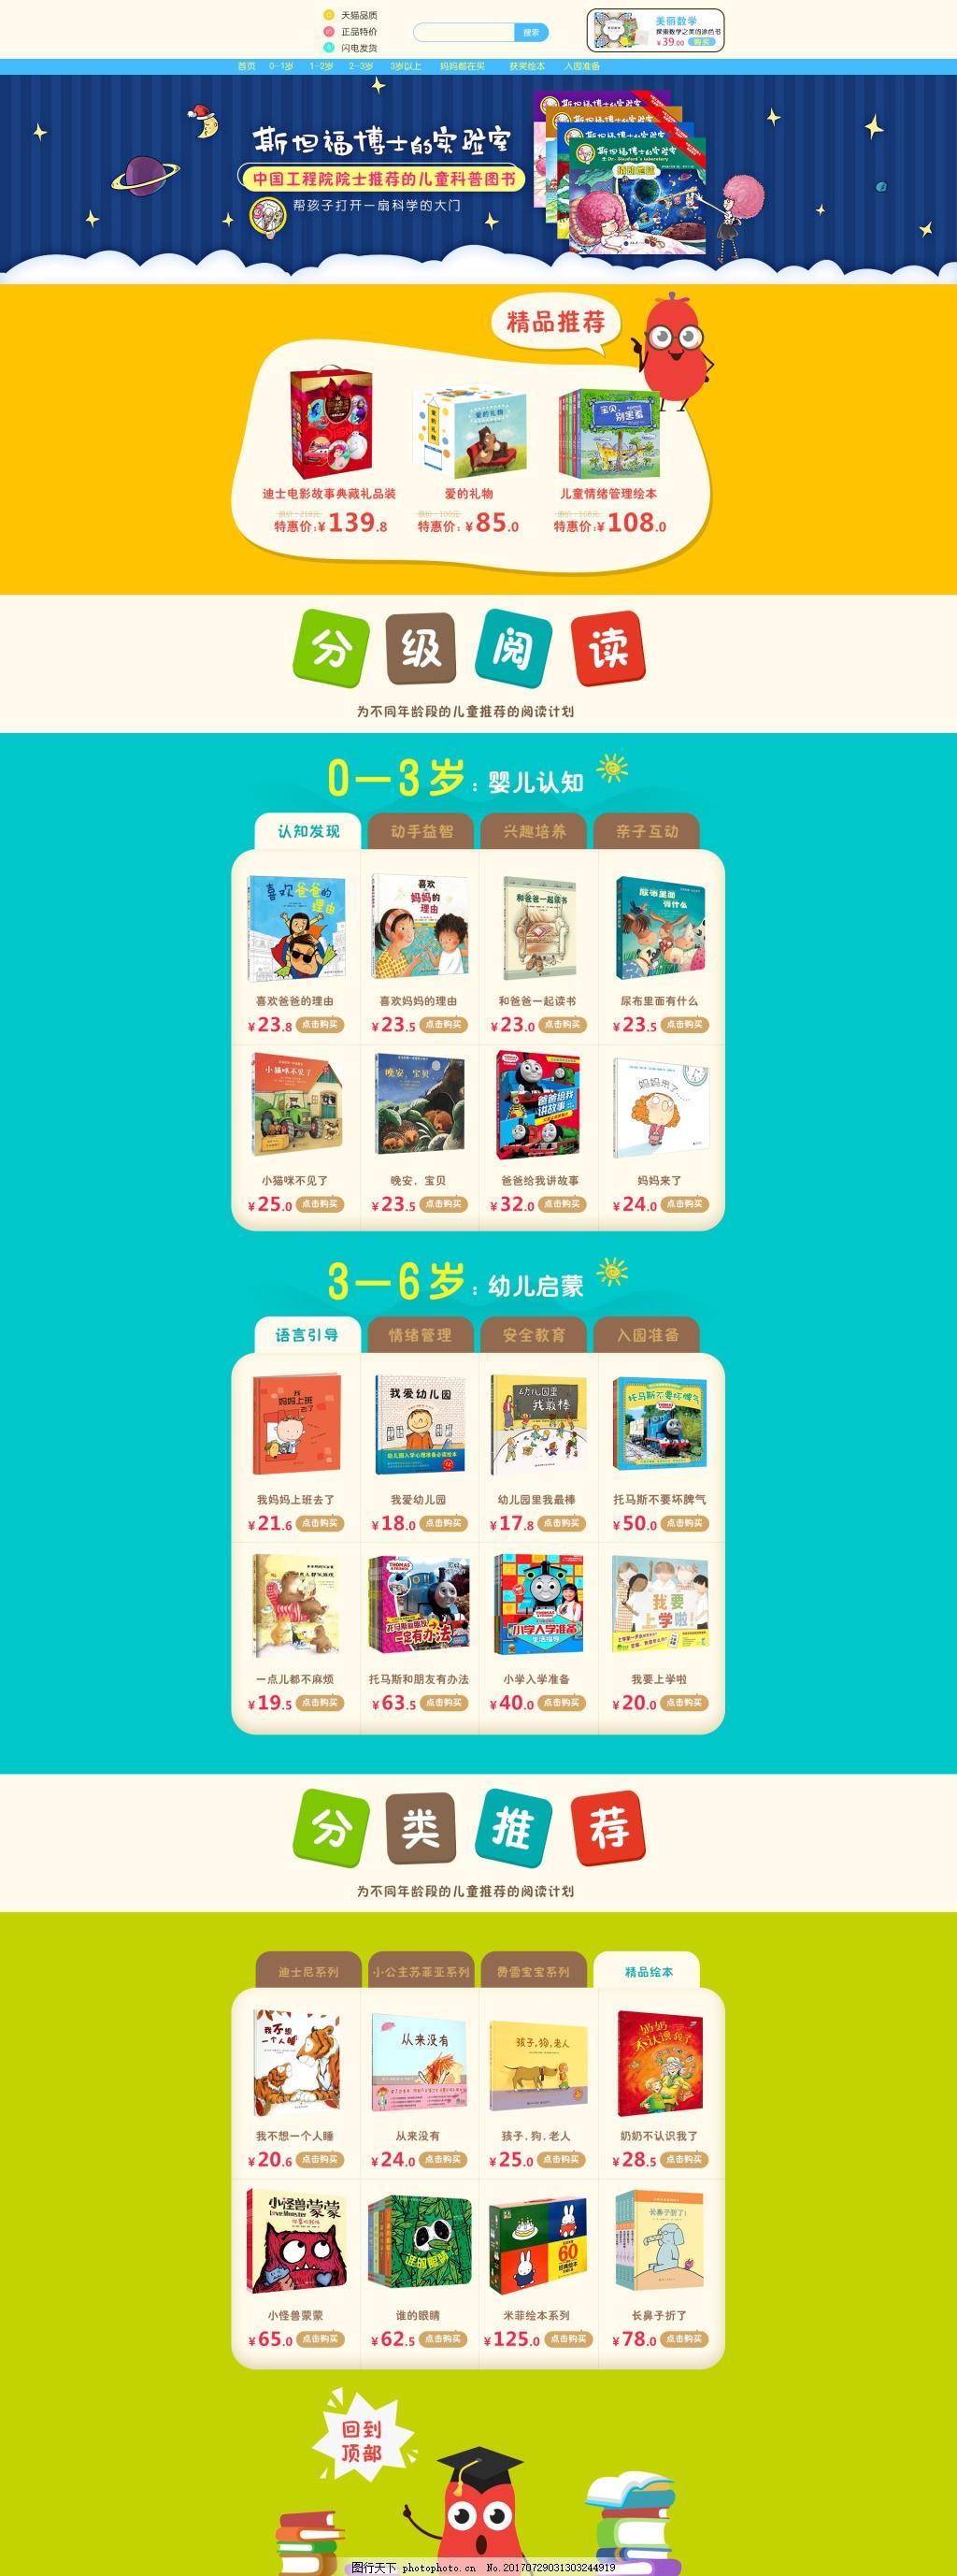 淘宝儿童图书首页设计模板PSD素材 书本 天猫 淘宝装修 店铺装修